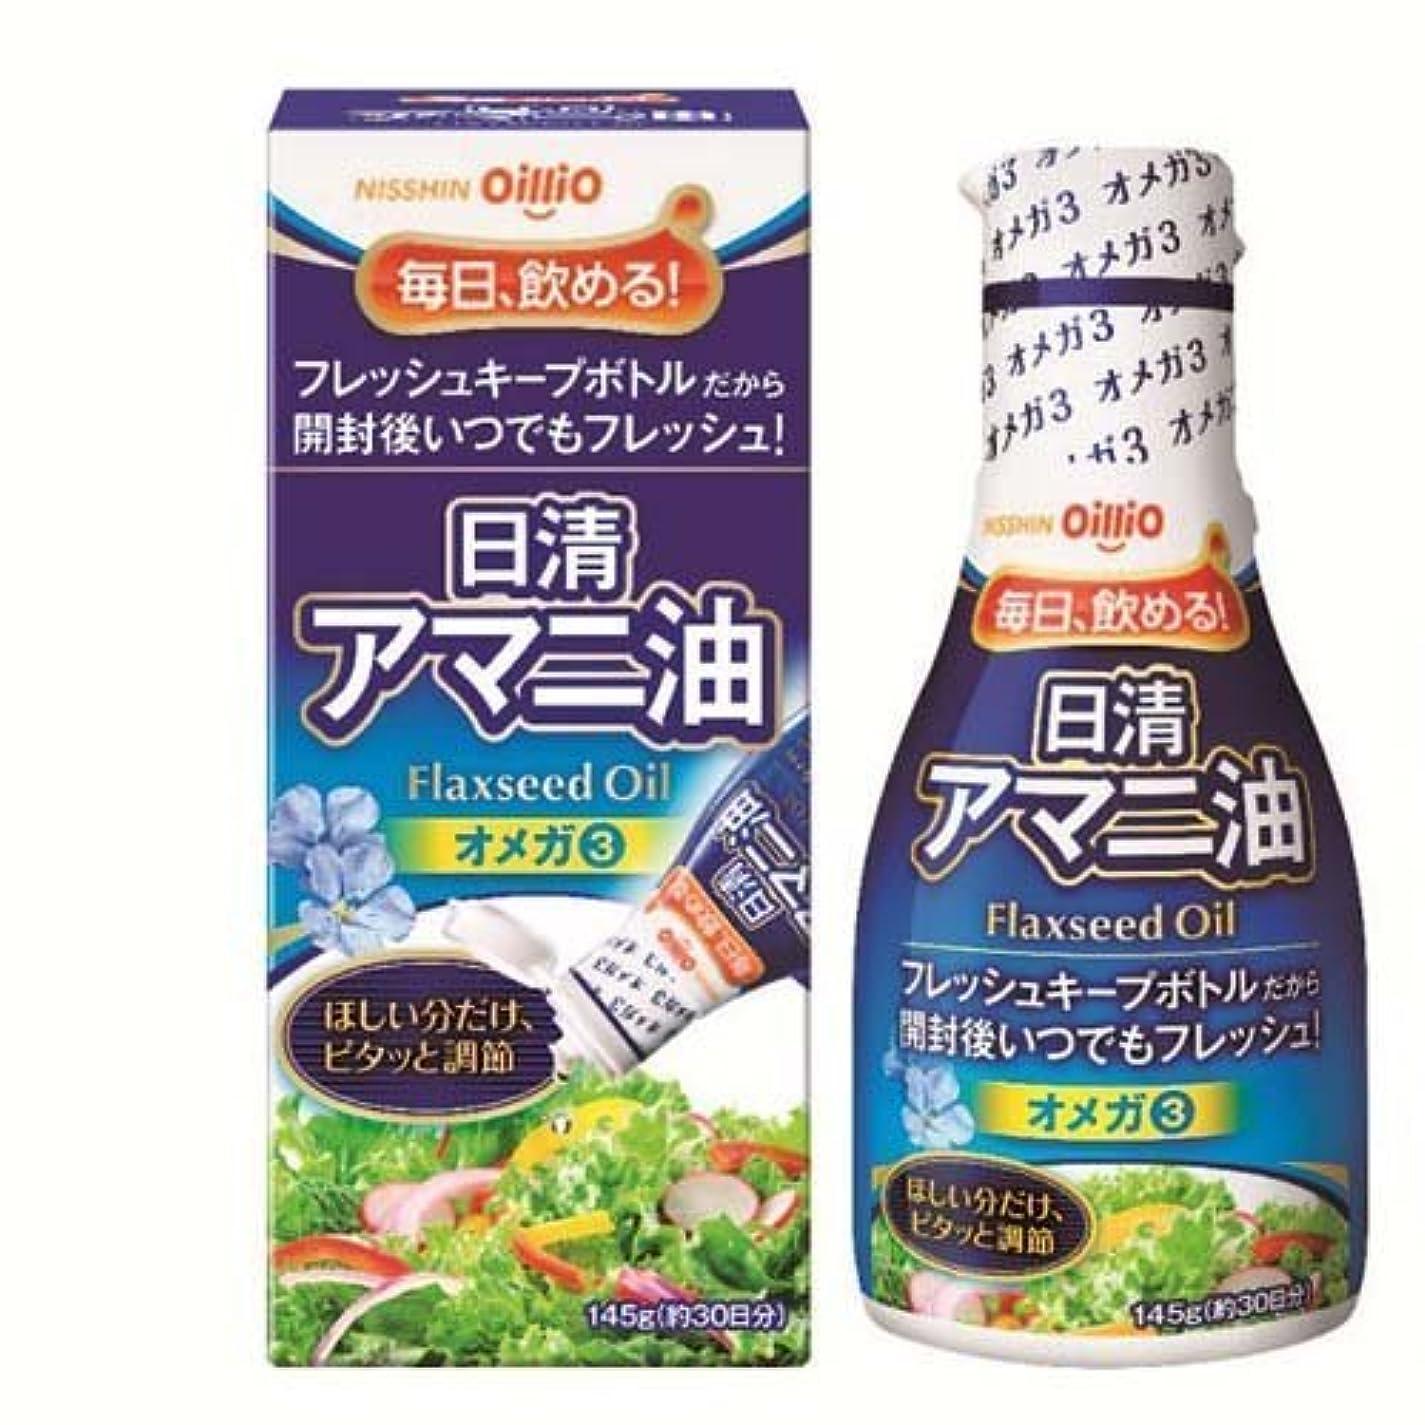 スリンク暗殺するラショナル日清 アマニ油 (亜麻仁油) 脂肪酸 α-リノレン酸(オメガ3) 145gx6本 (1ケース)